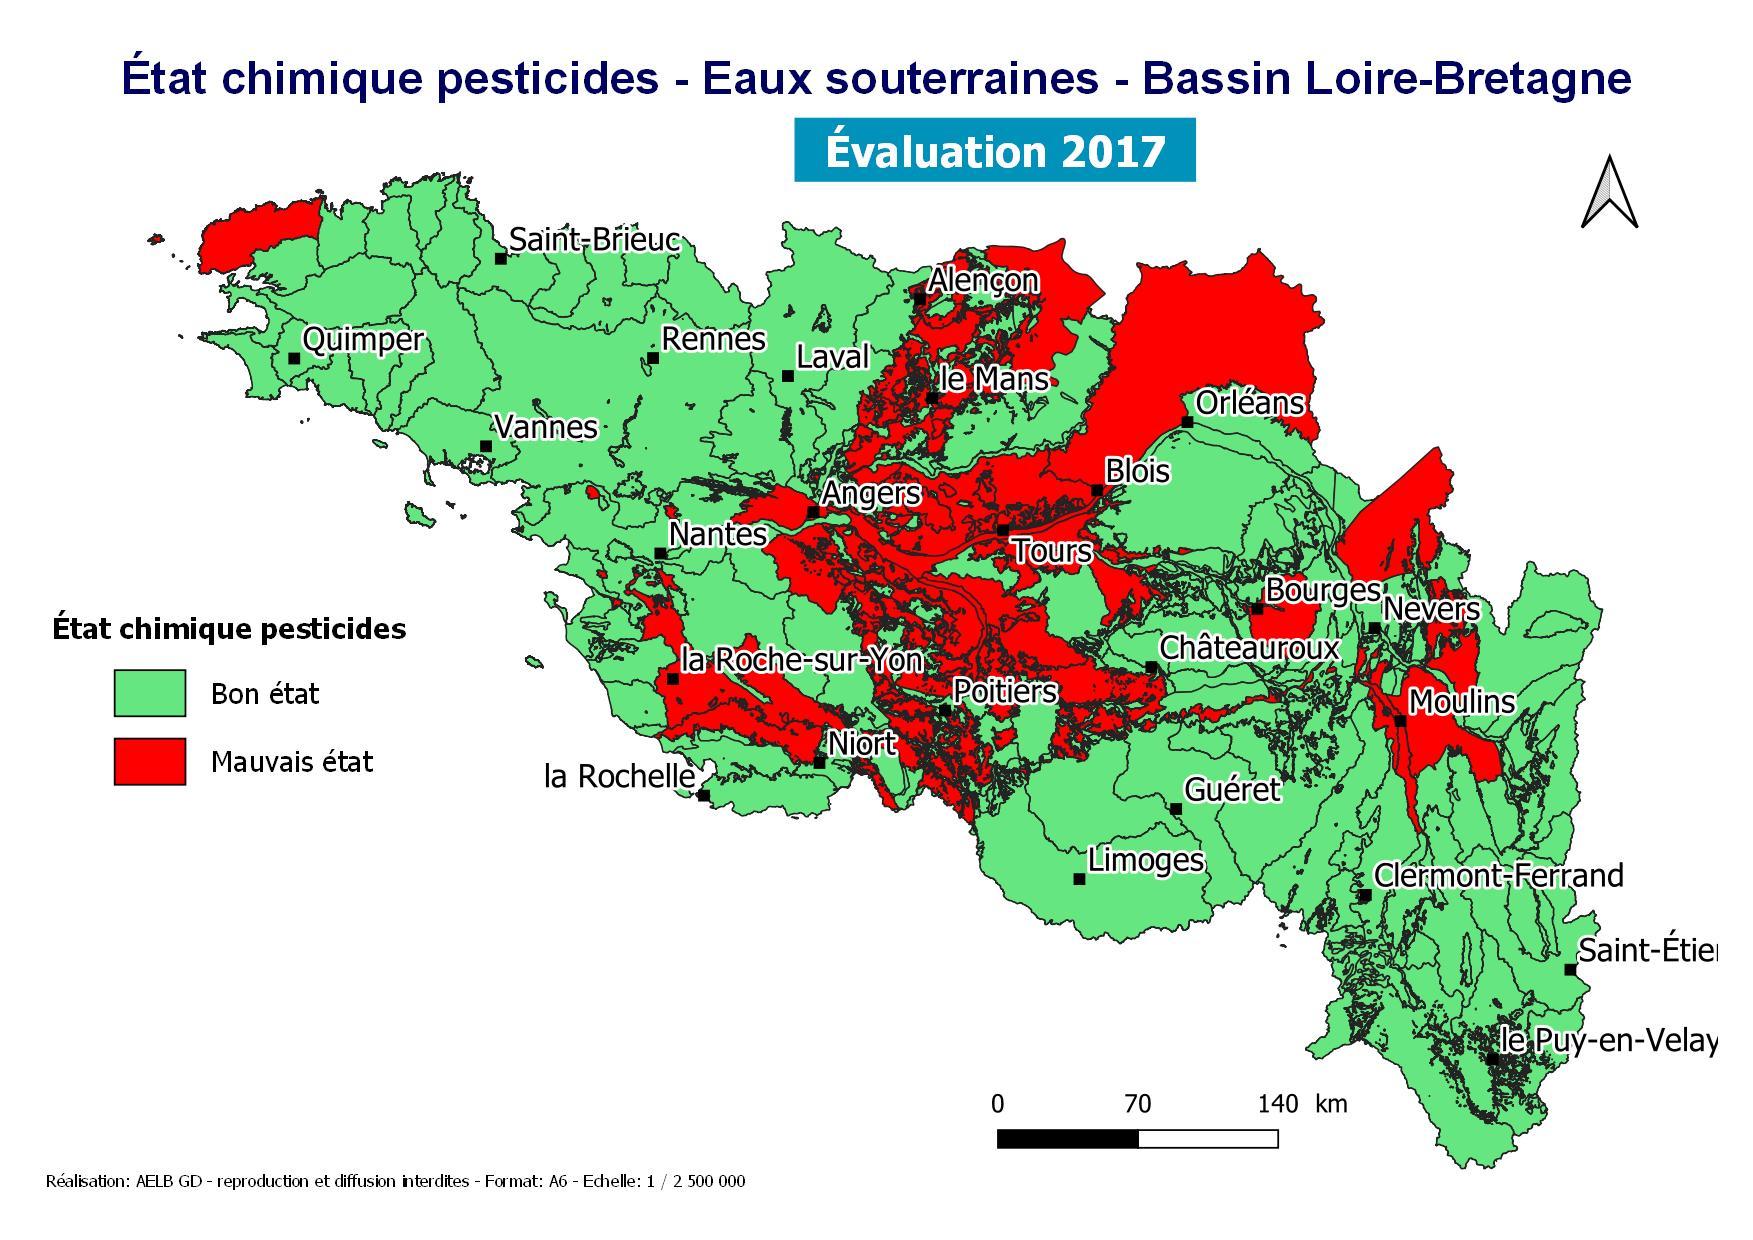 État chimique pesticides - Eaux souterraines - Bassin Loire-Bretagne